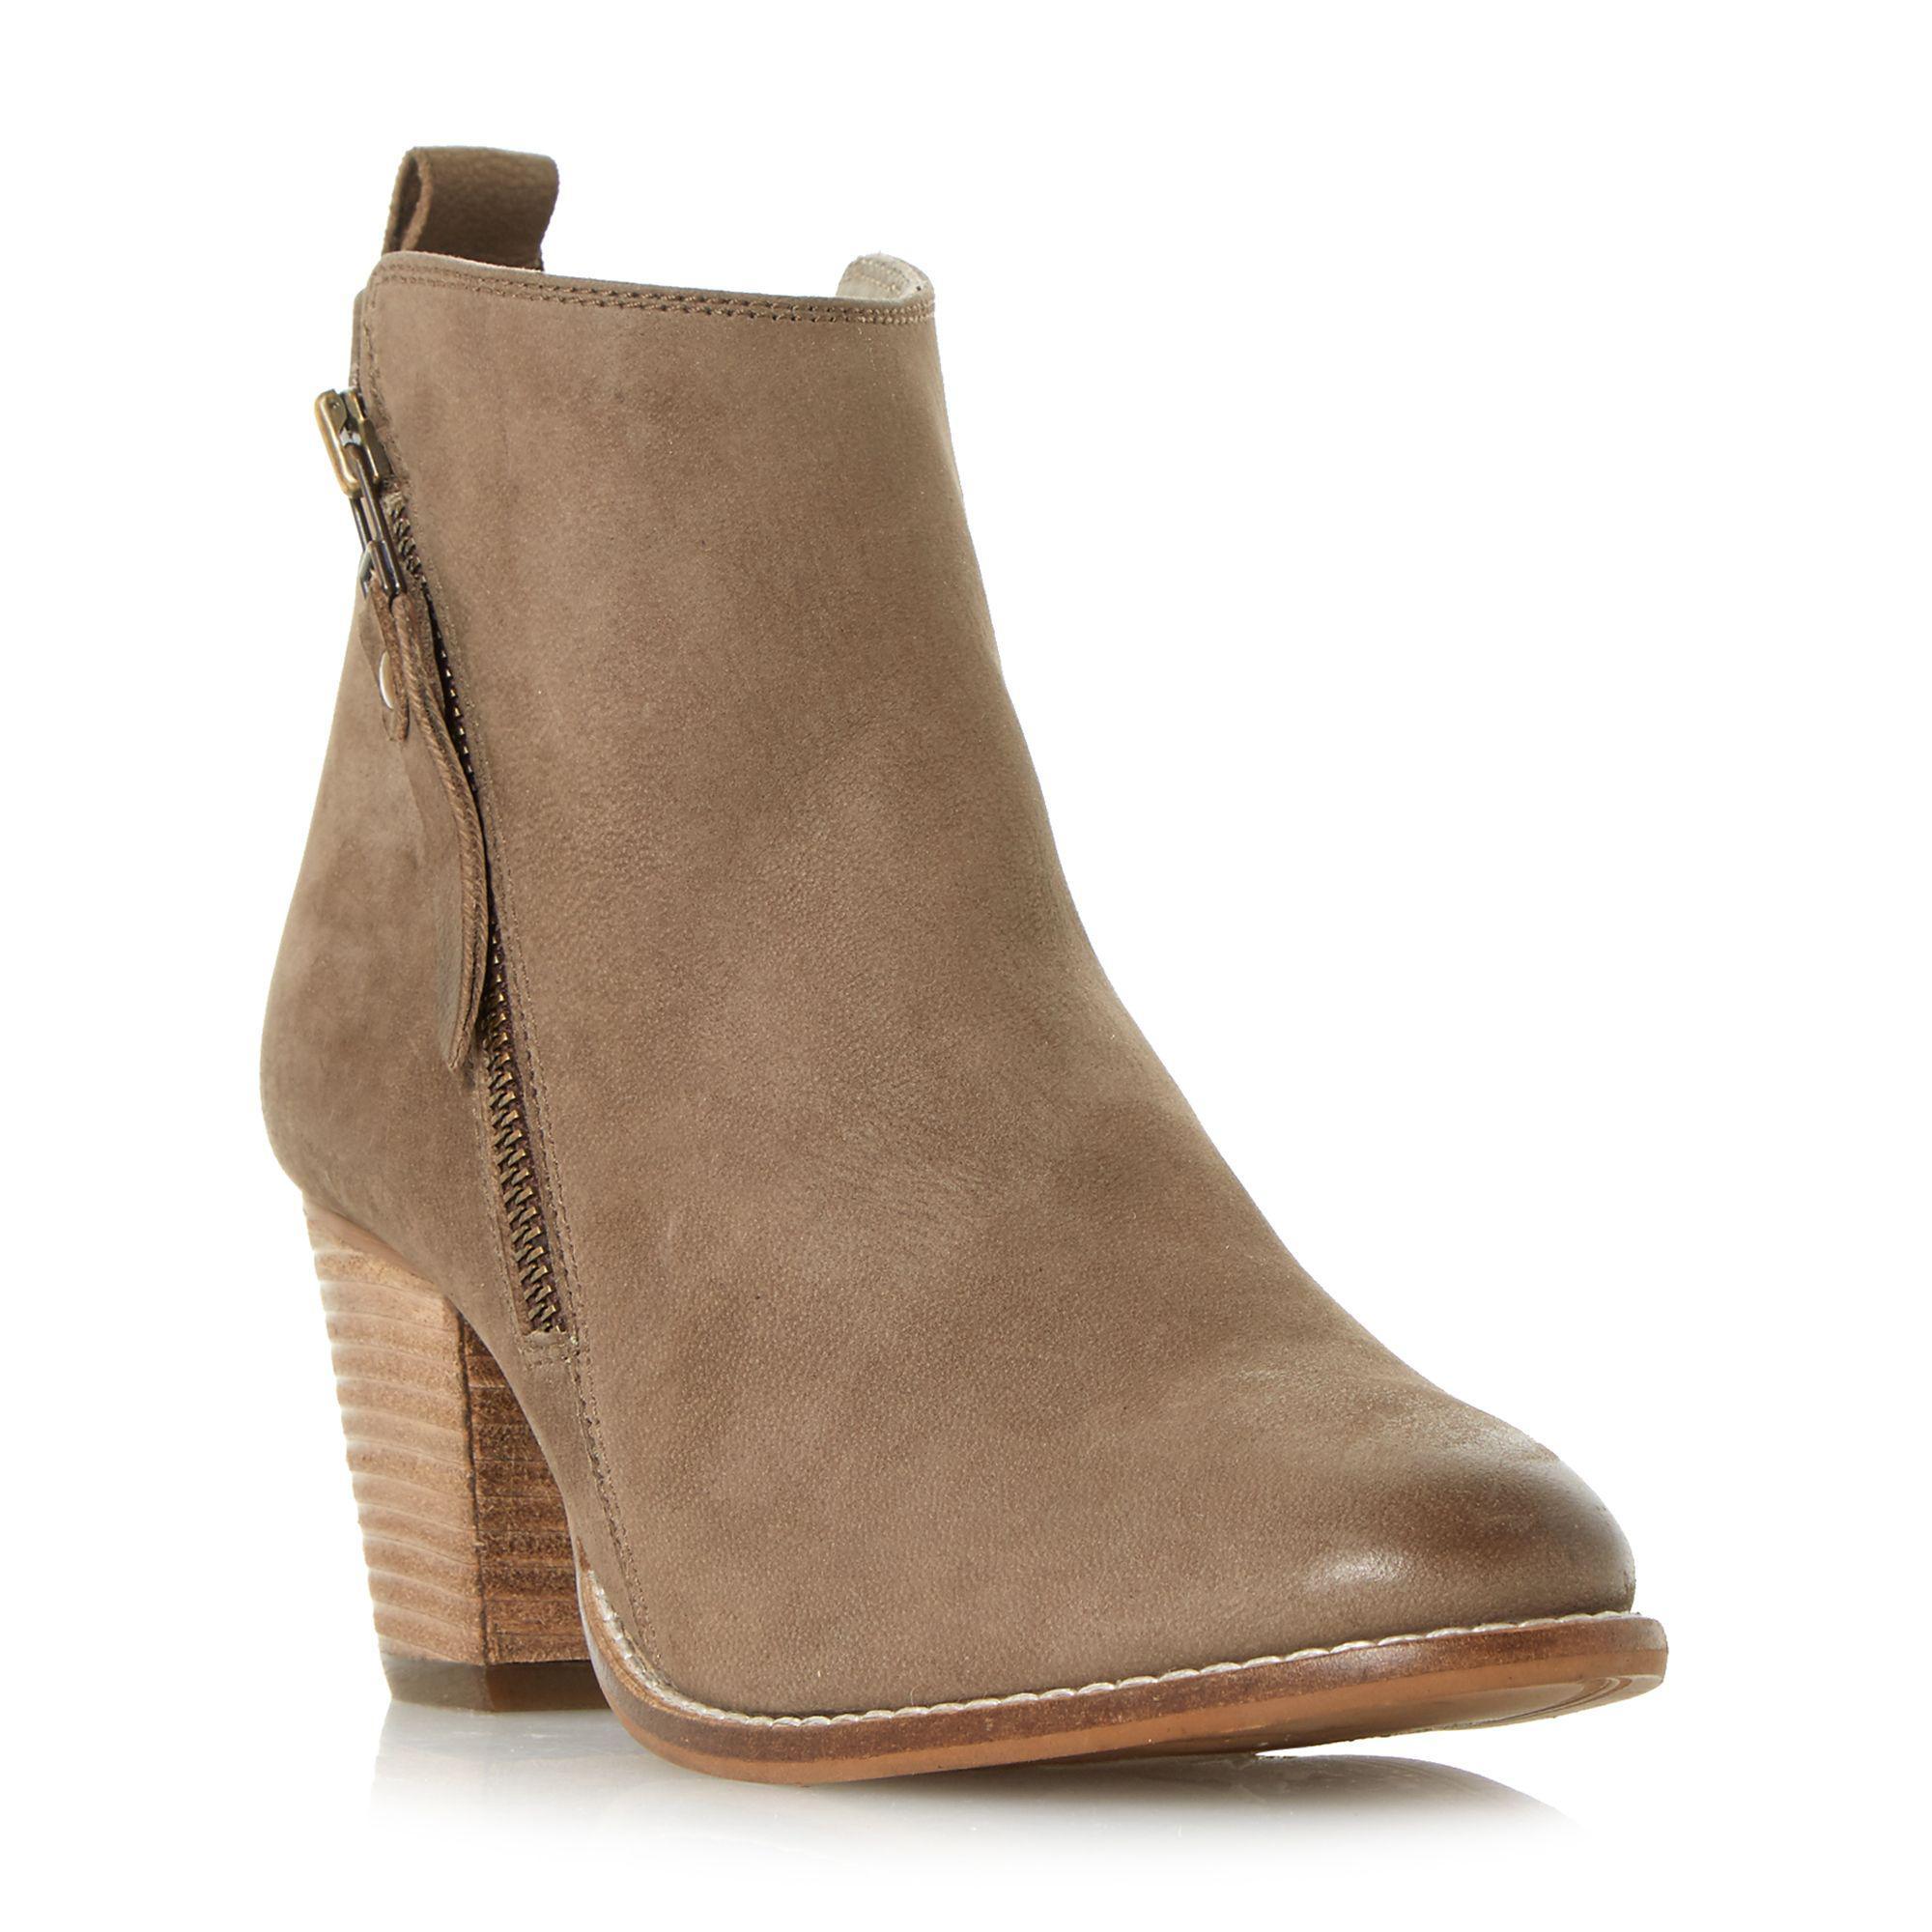 9c69cce6d5b Dune. Women s Gray Dark Grey  pontoon  Stacked Heel Side Zip Ankle Boots